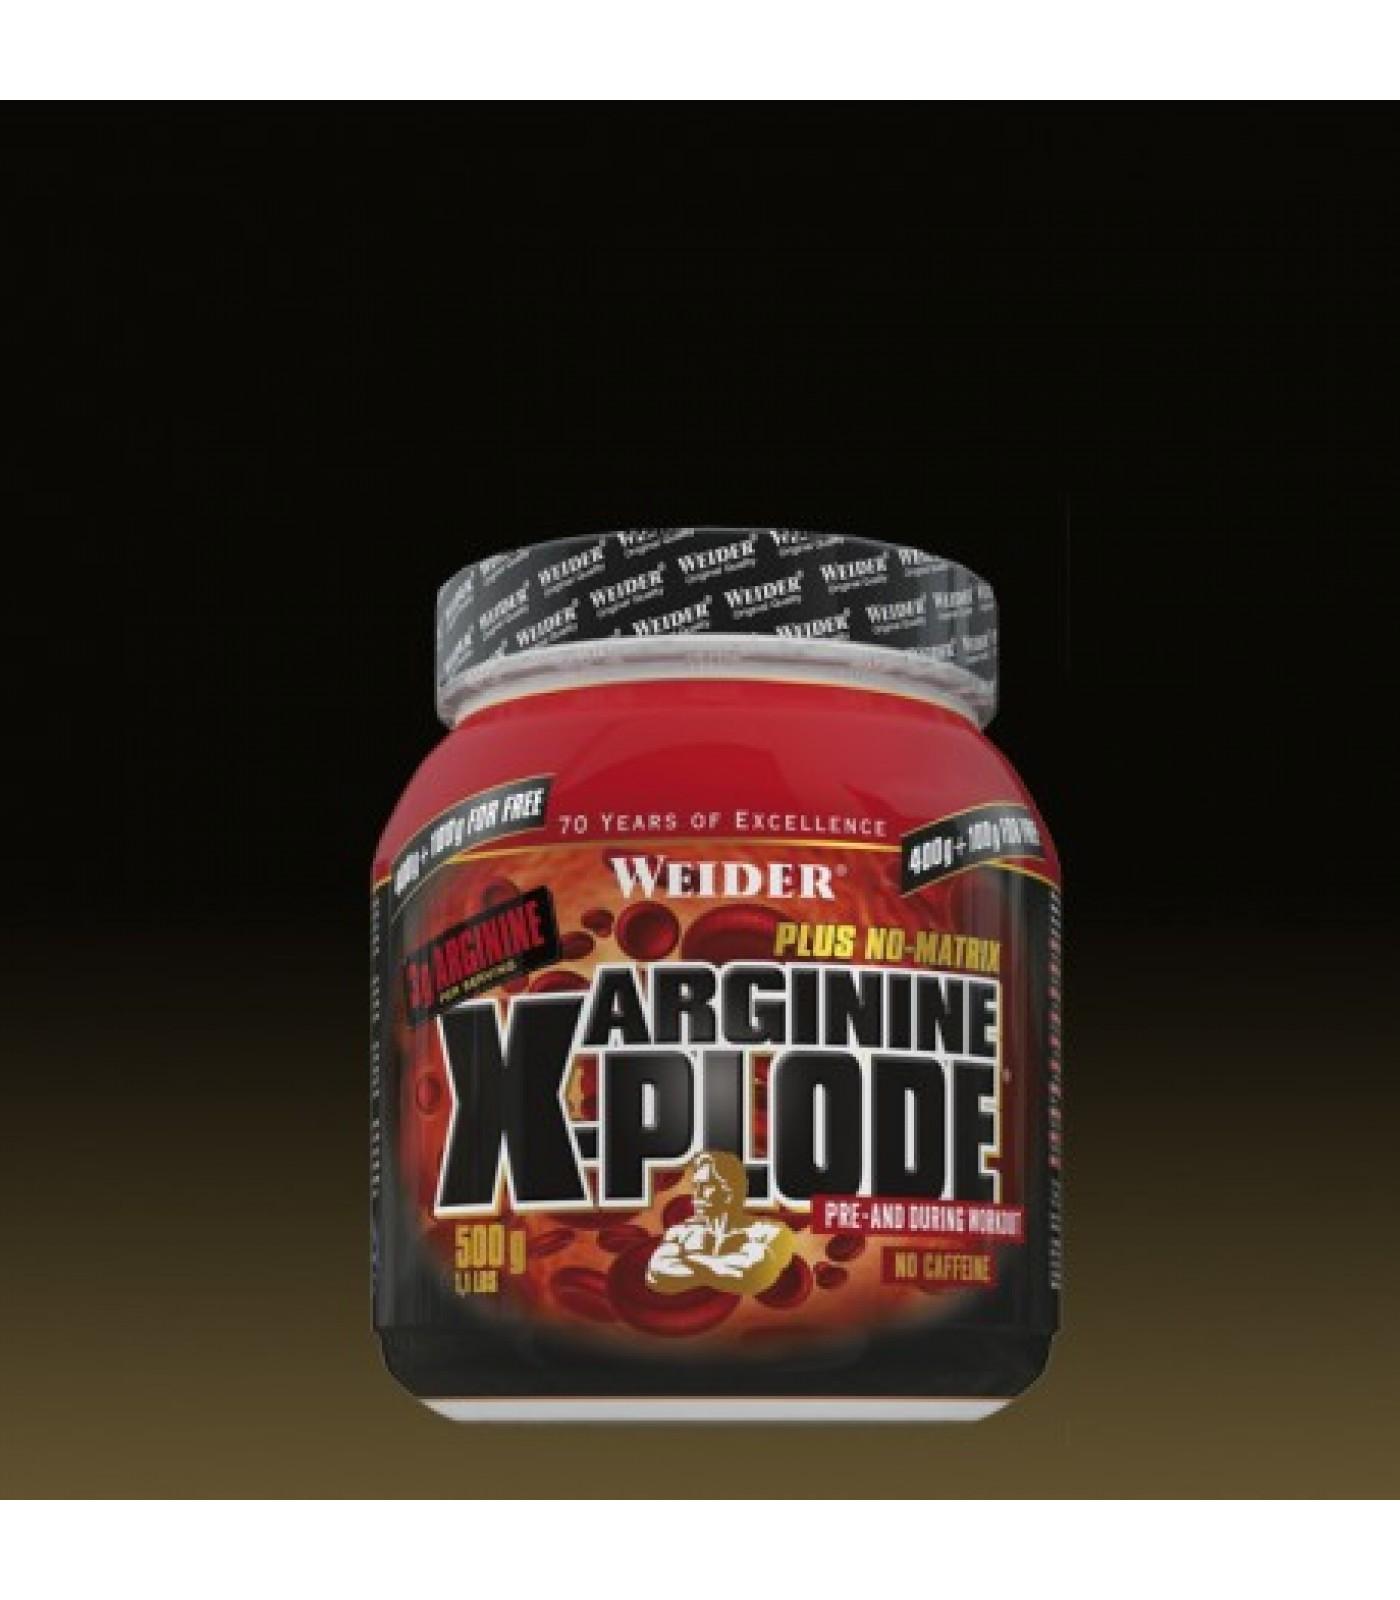 Weider - Arginine X-plode / 500 gr